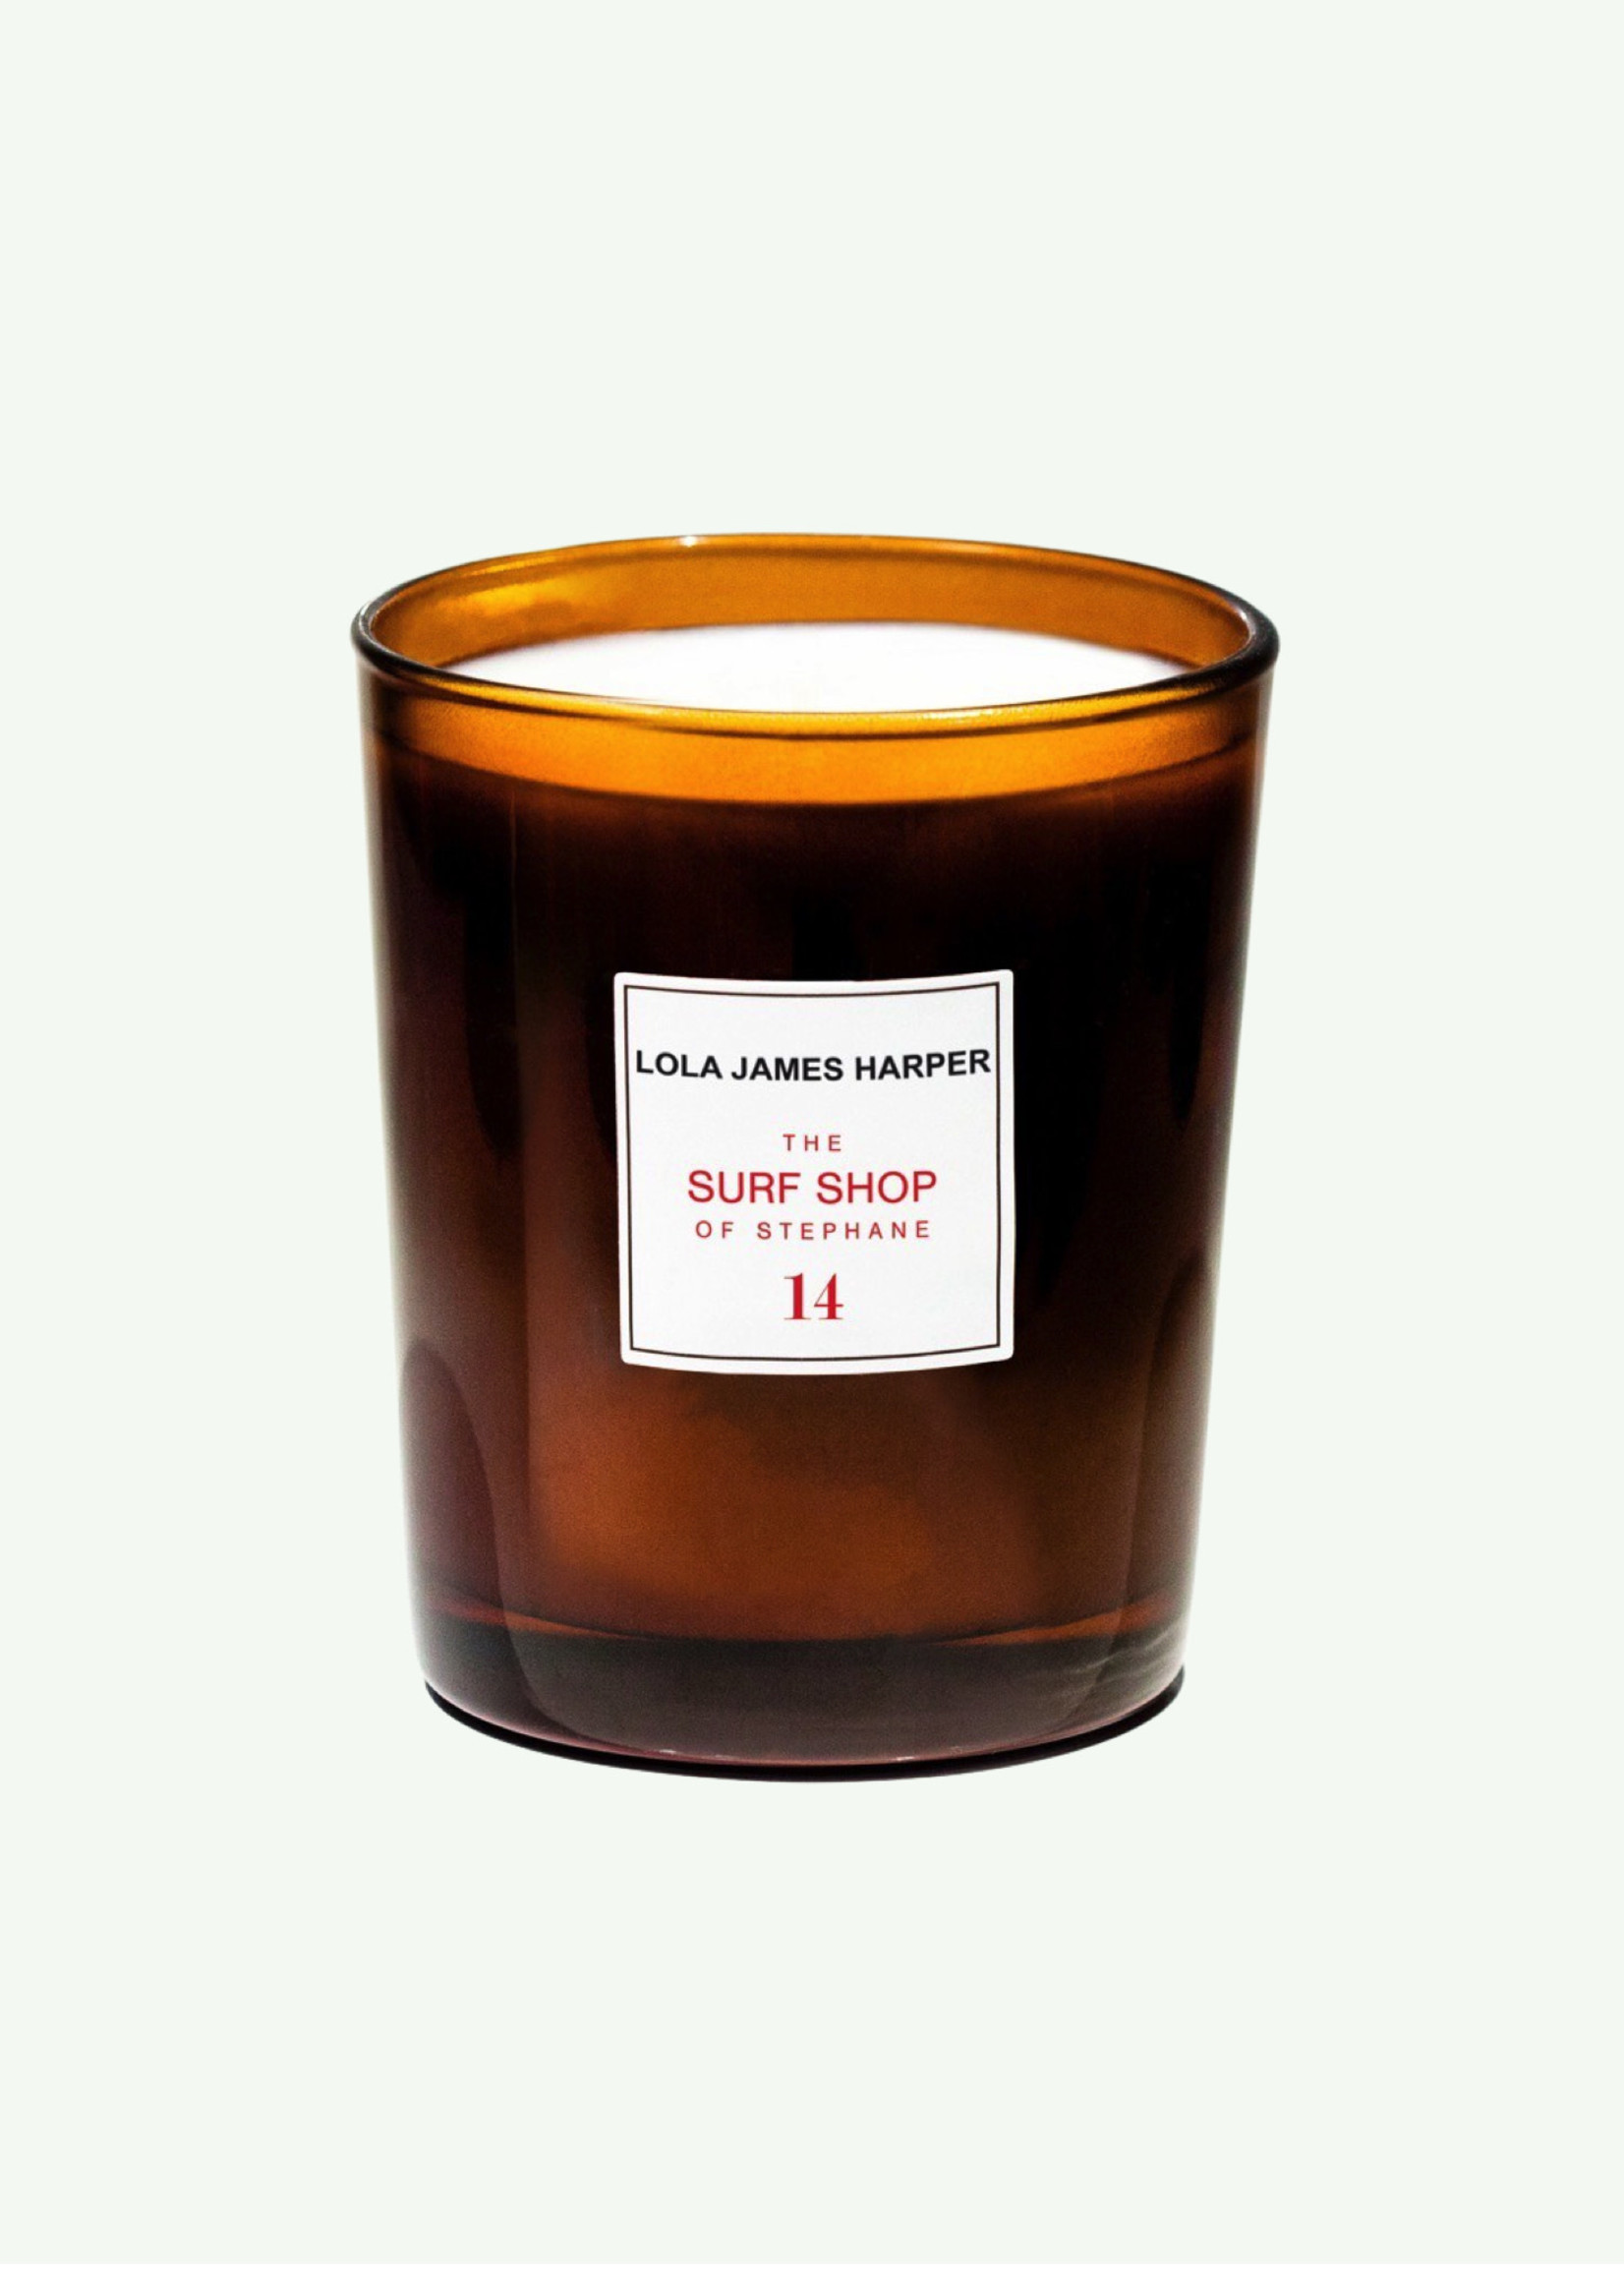 Lola James Harper Lola James Harper - The Surf Shop of Stephane - Scented Candle 190 gr